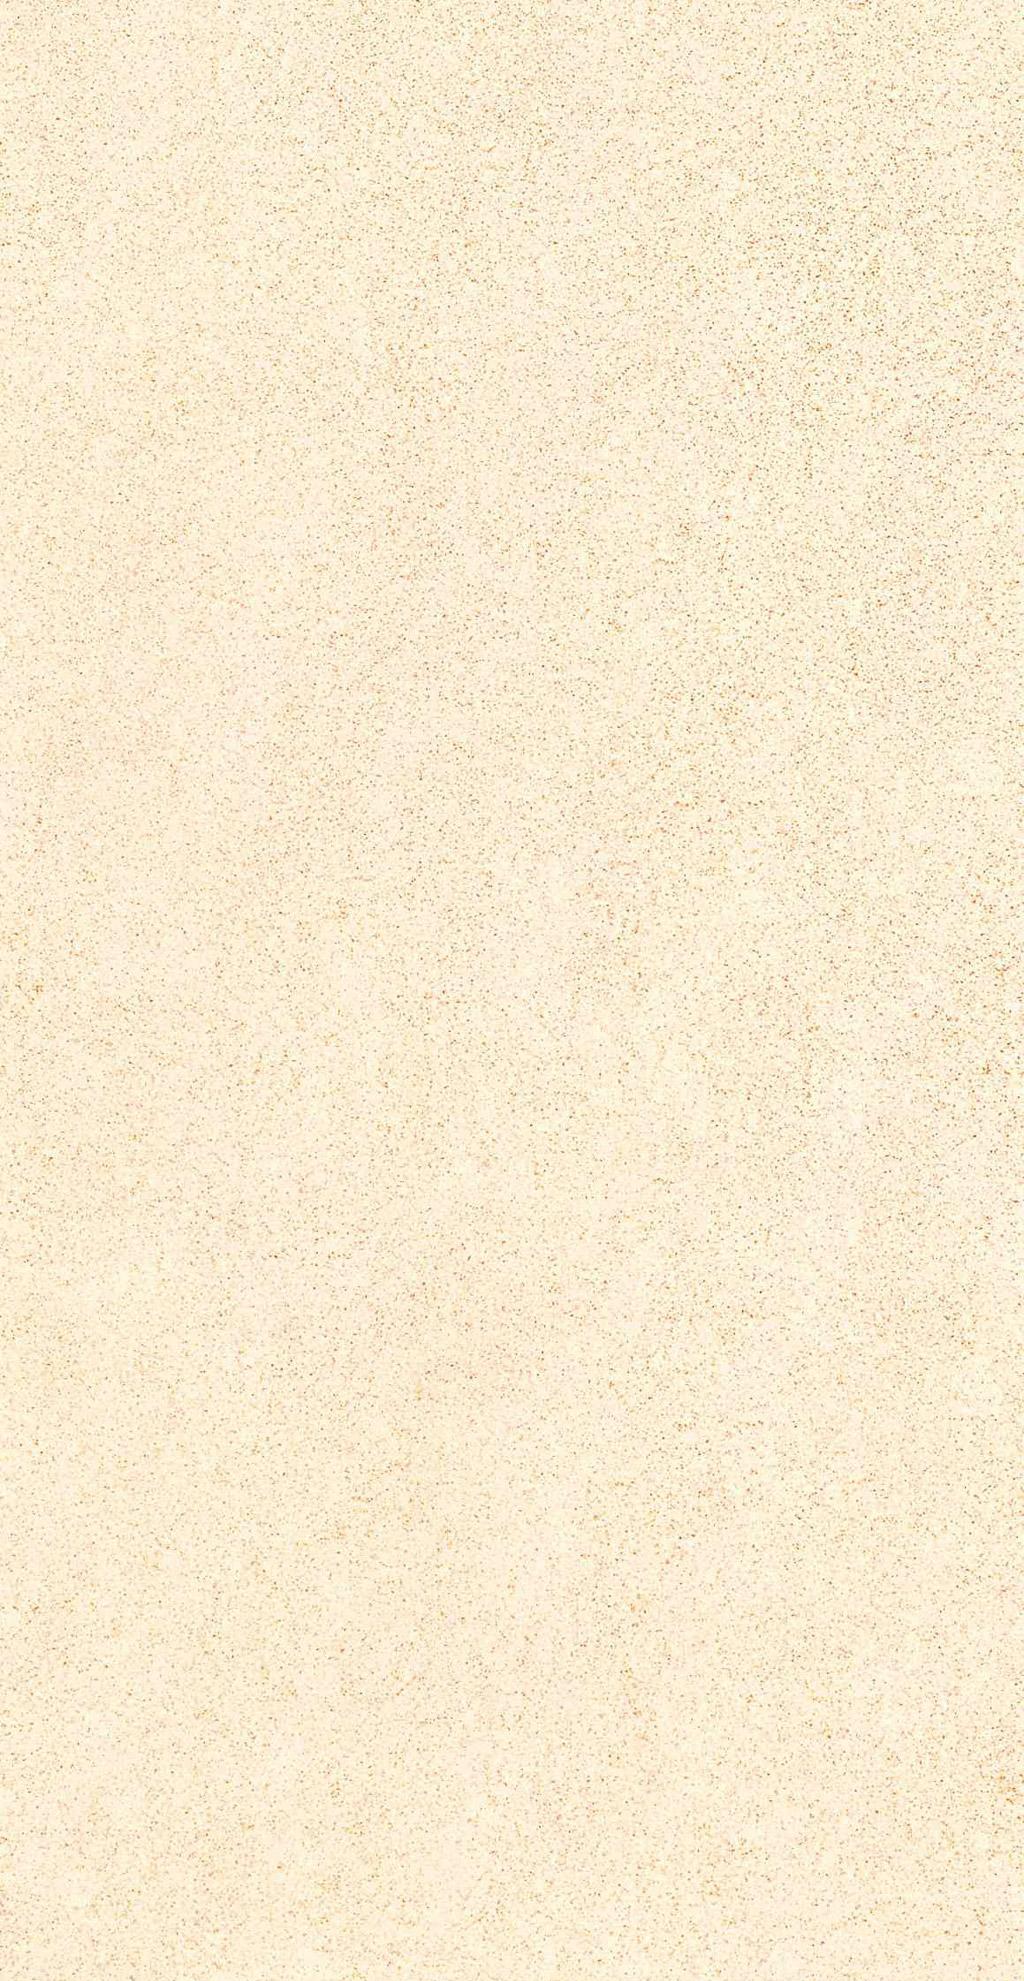 鹰牌瓷砖新生代系列内墙砖M2P1-17M2P1-17